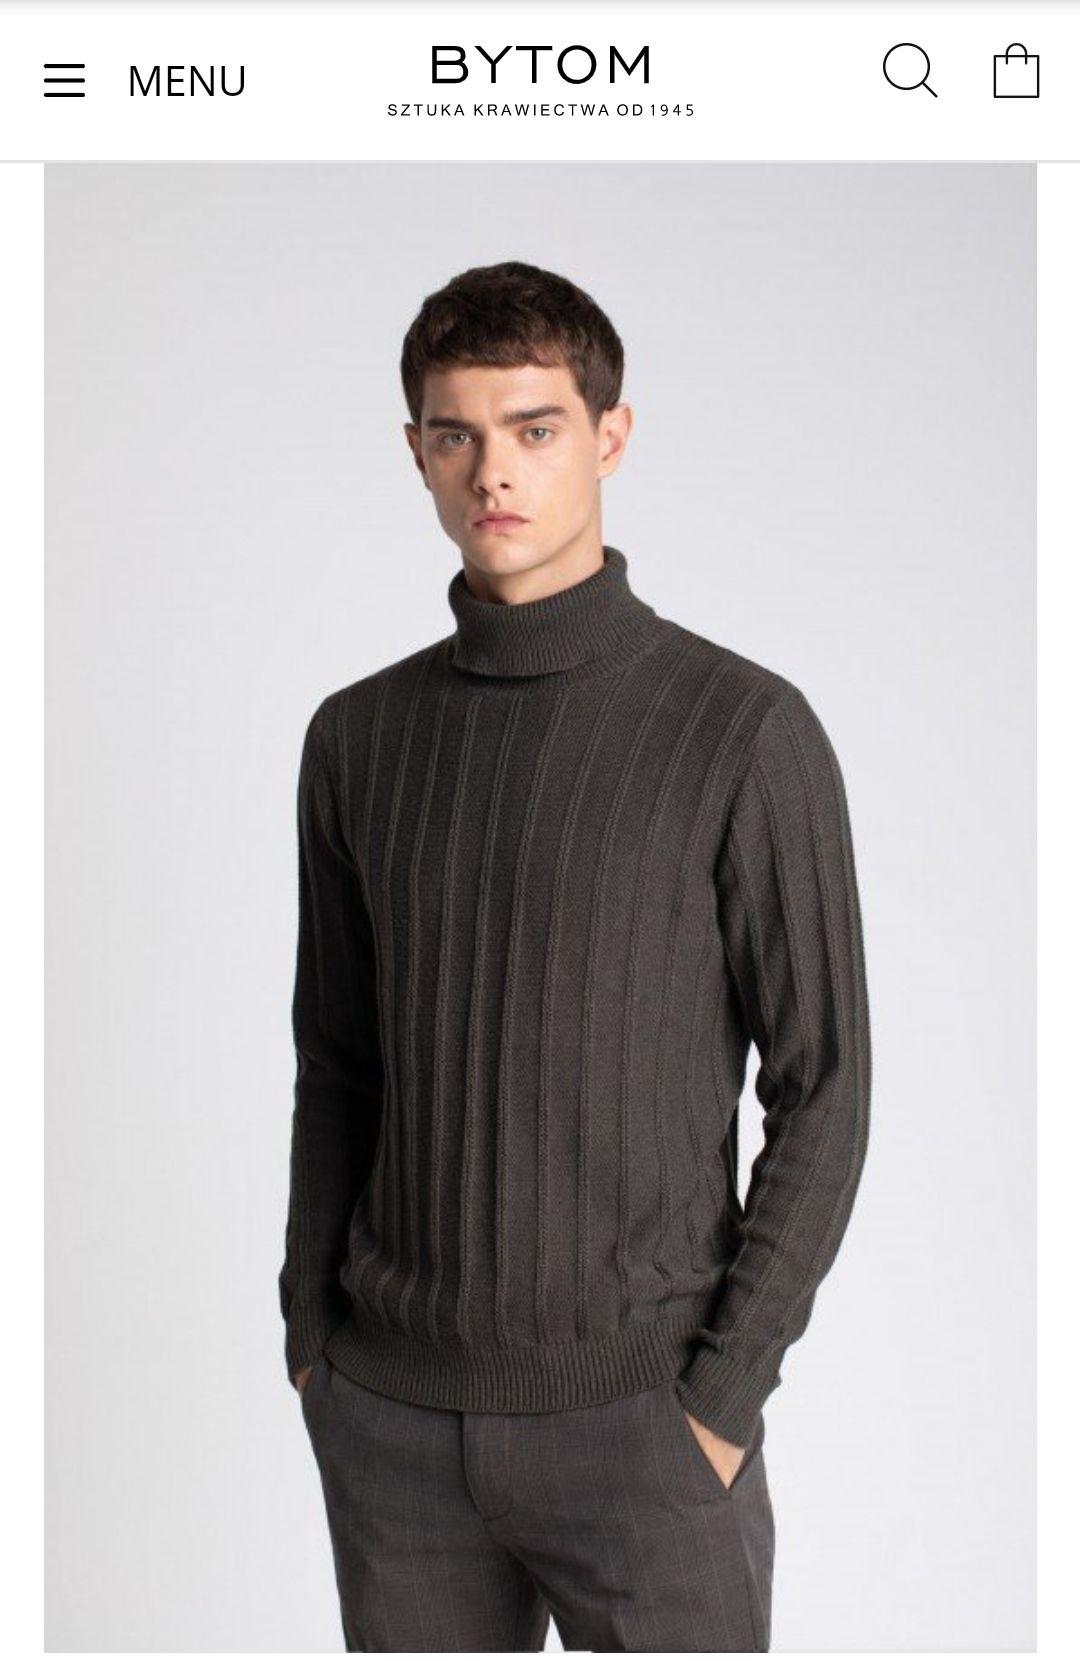 Sweter z golfem BYTOM 100% Bawełna